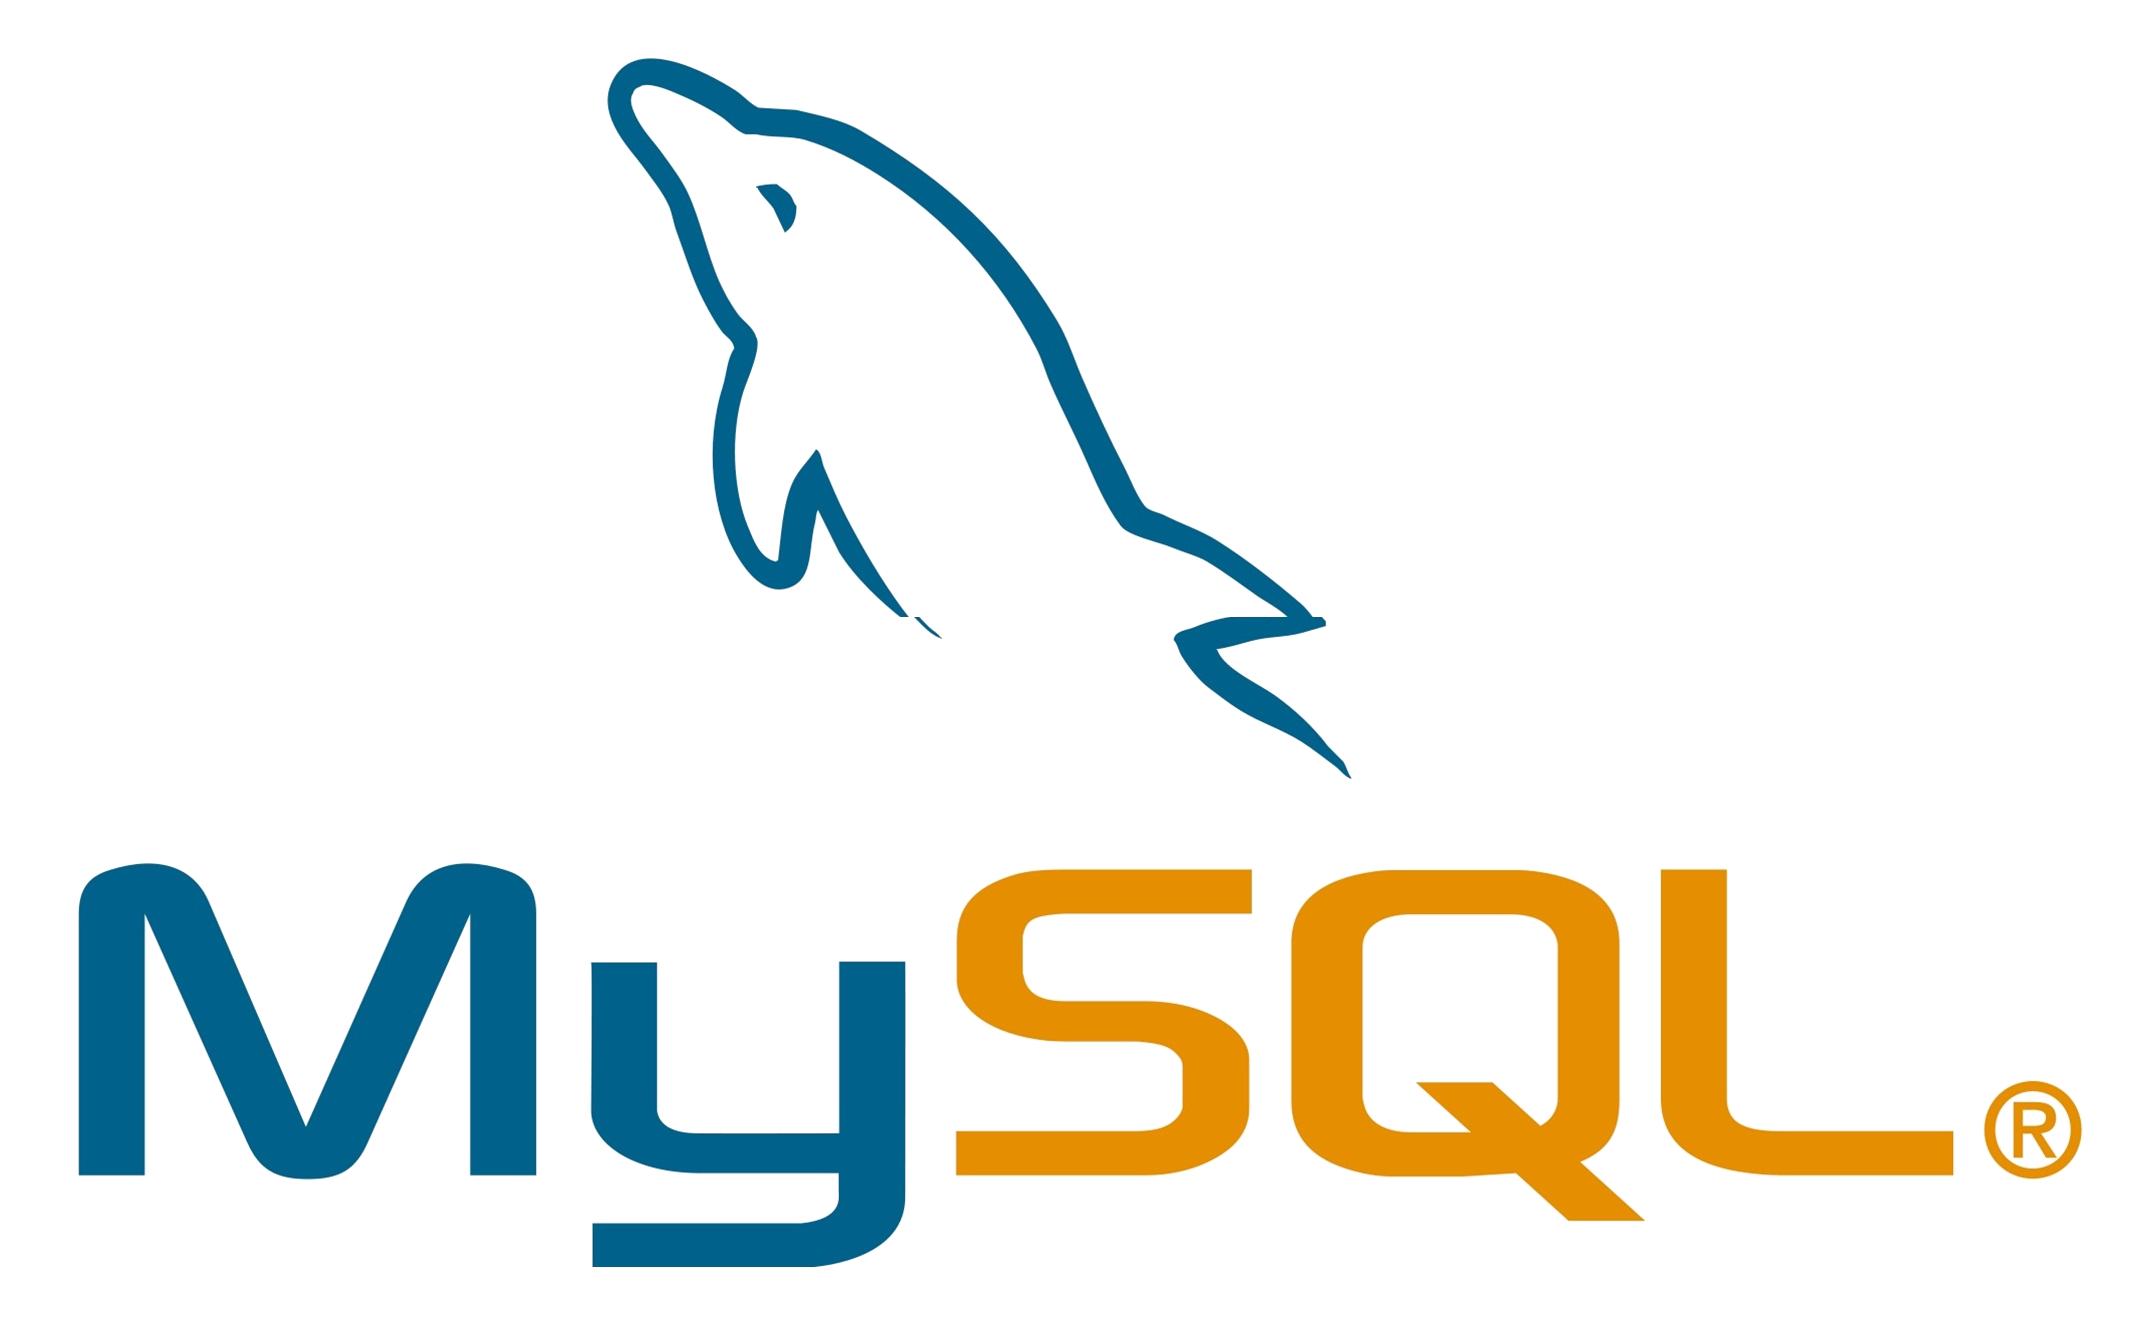 MySQL PNG logos free download